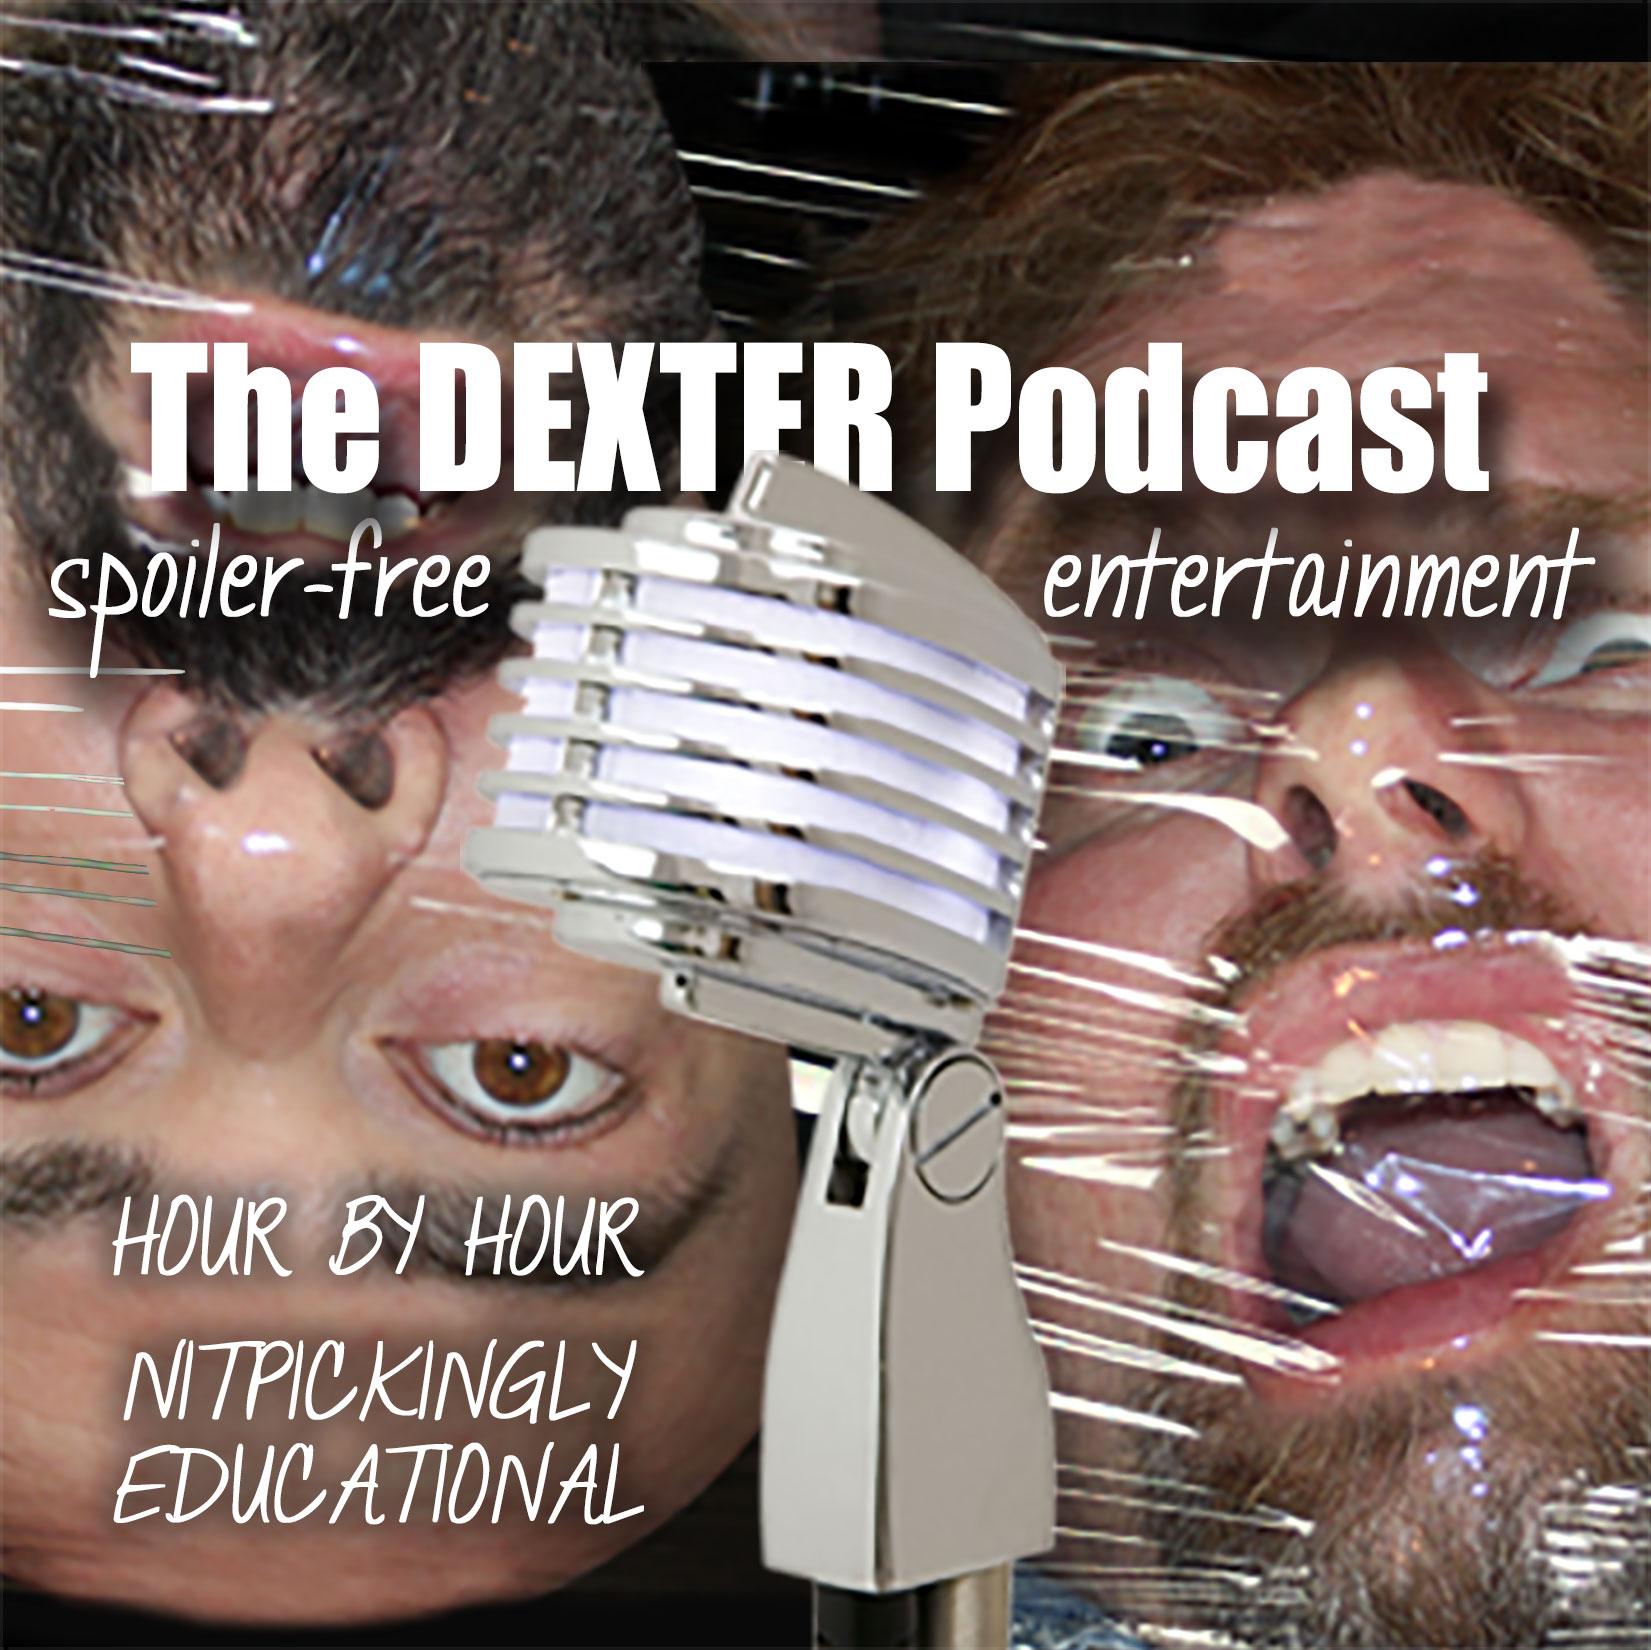 dexter-podcast-2guystalking